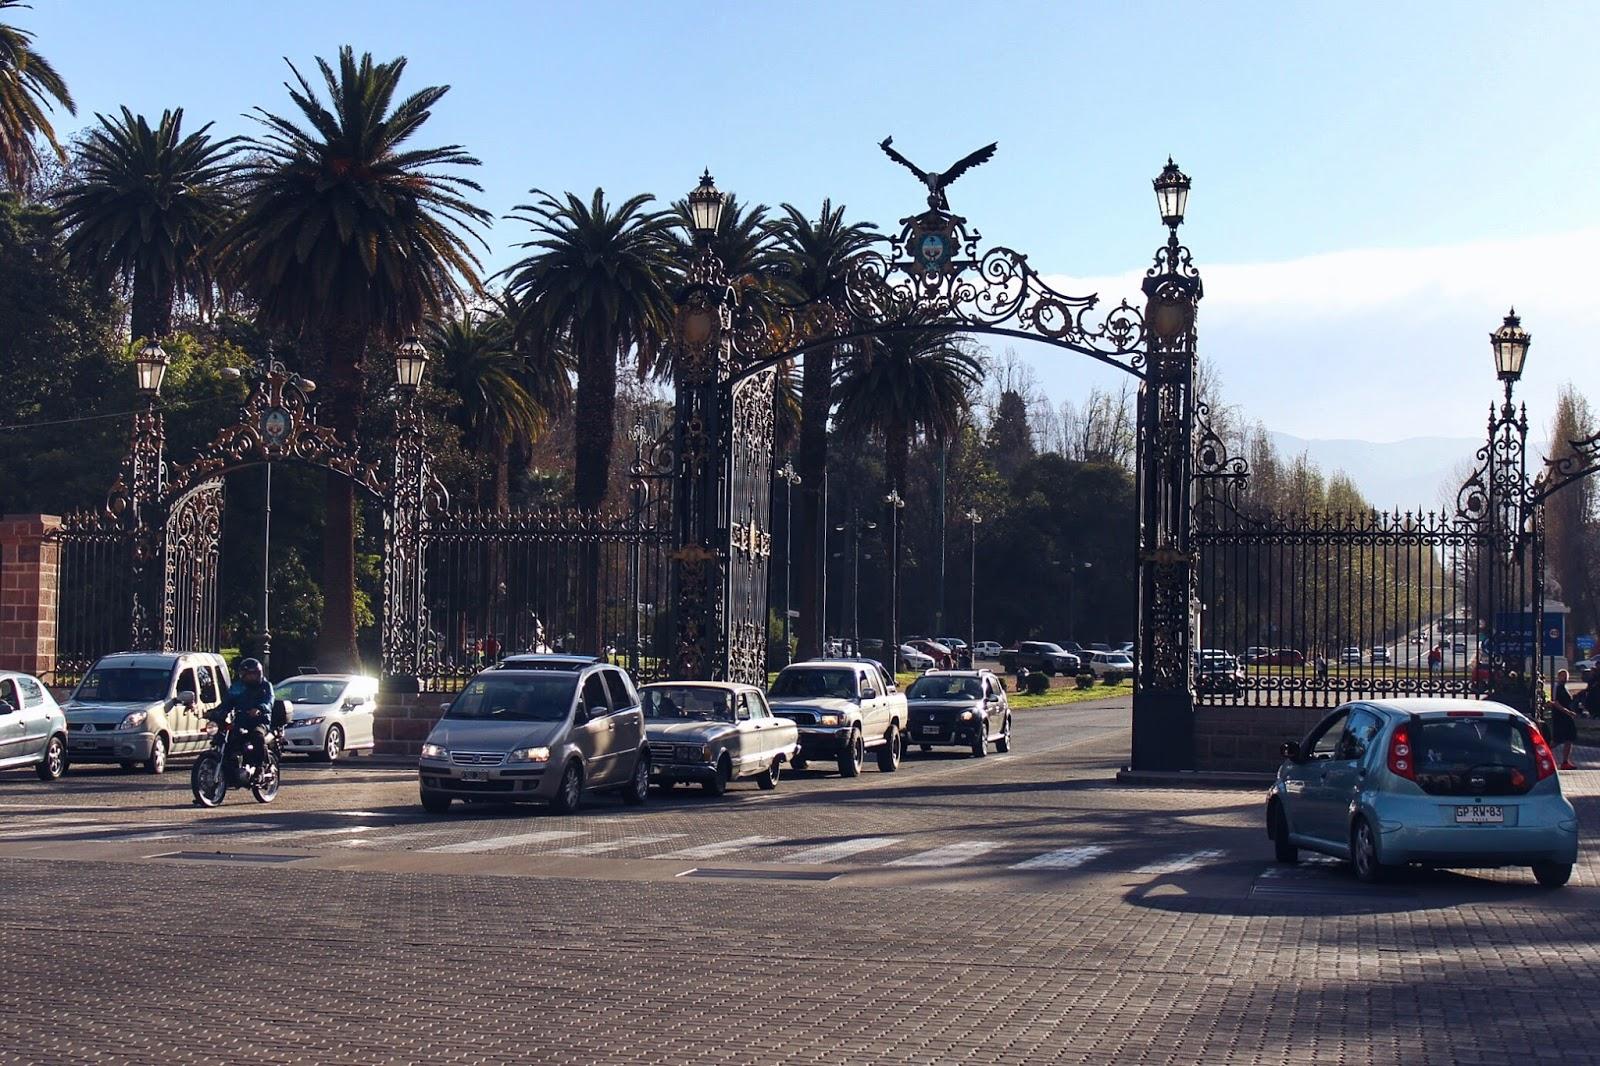 lifesthayle-mendoza-portones-del-parque1.JPG